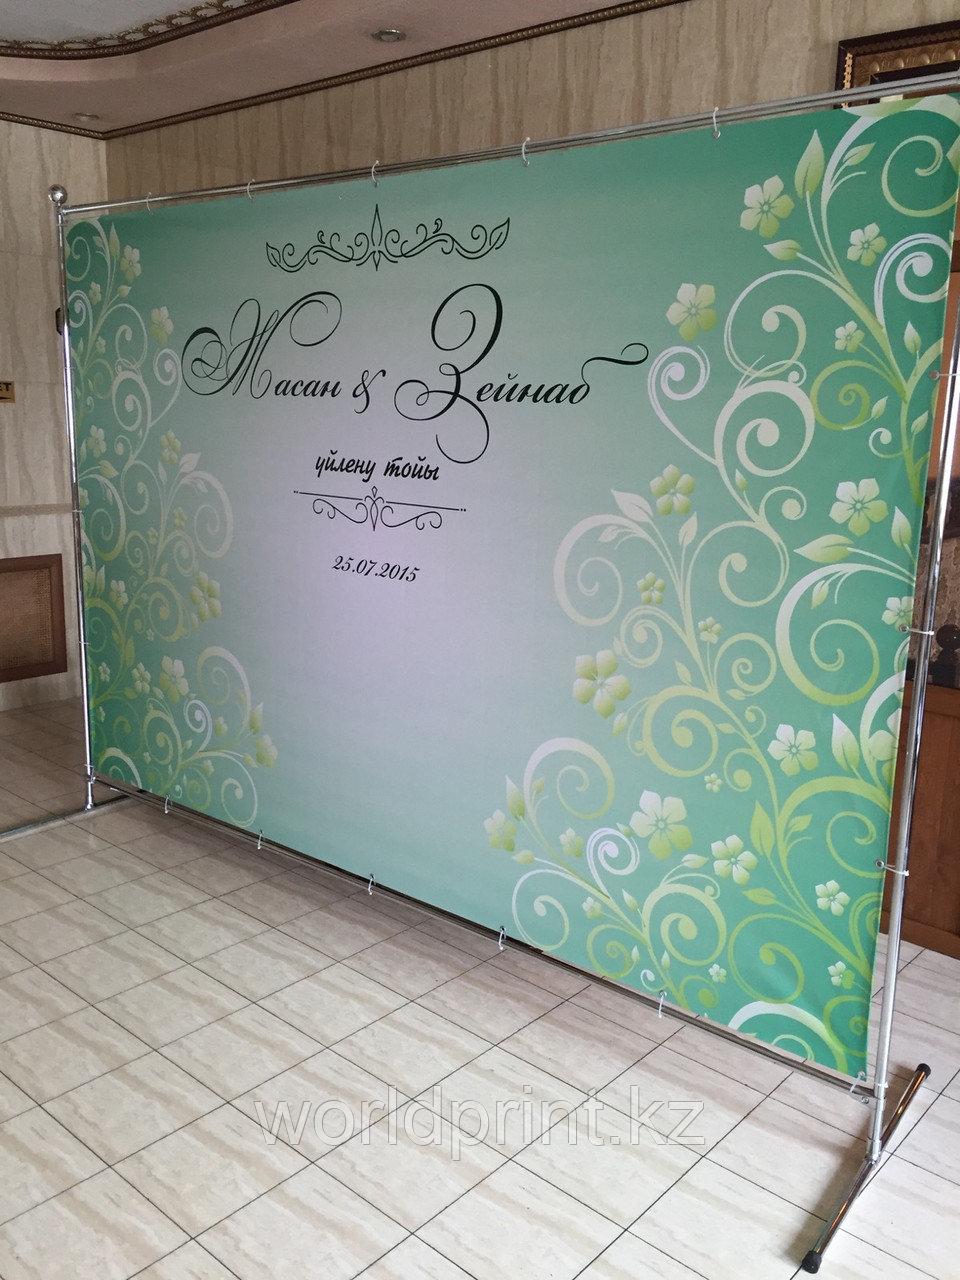 Пресс-стена, распечатка баннера, установка